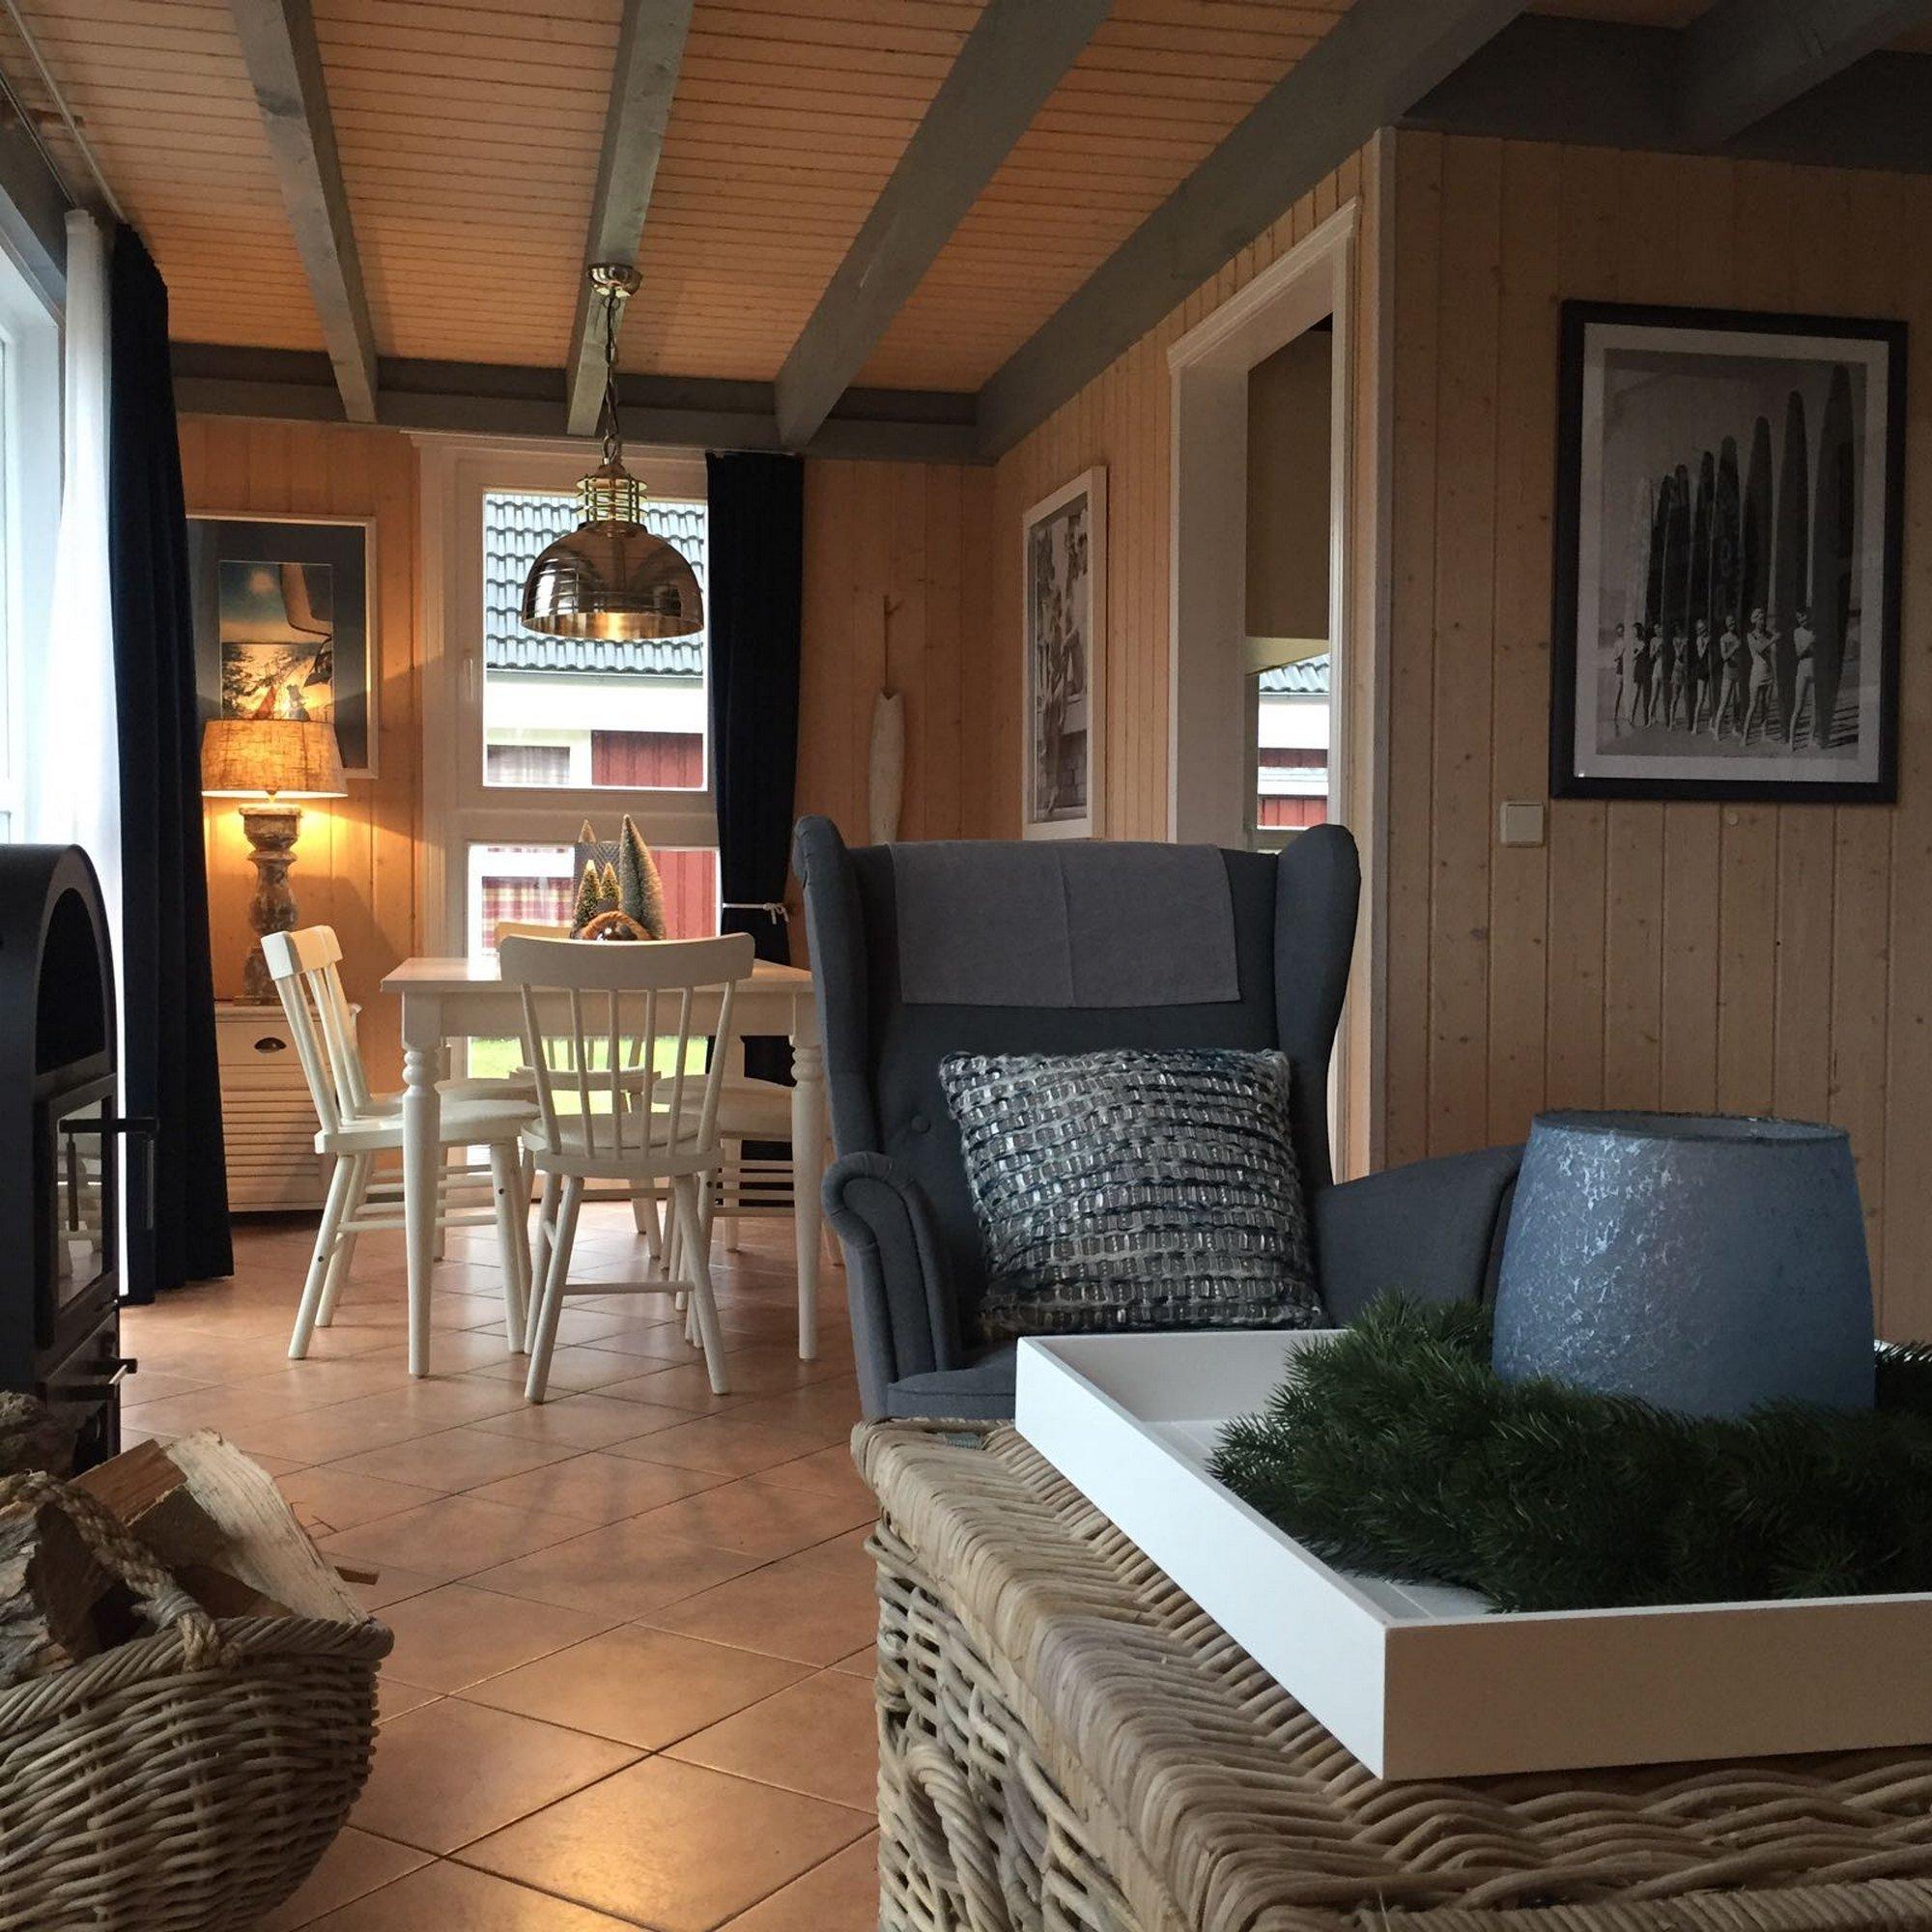 Wohnzimmer Ideen mit gemütlichem Landhausstil